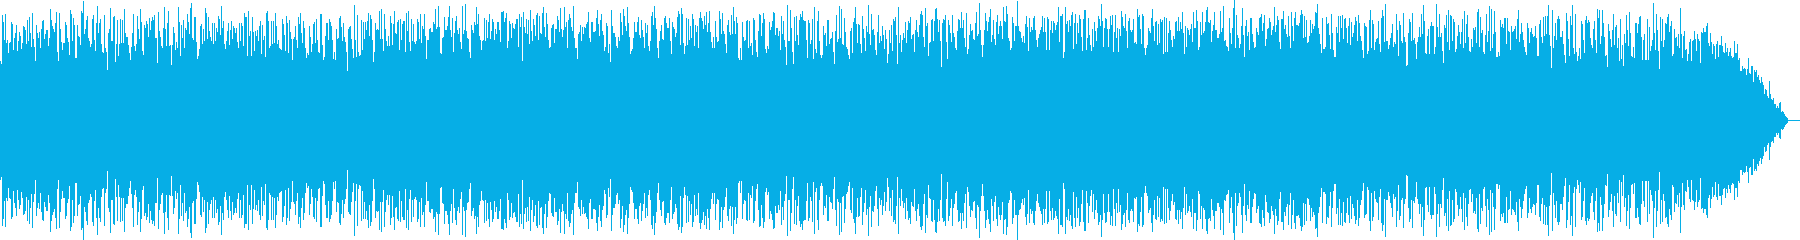 のんびり歩くようなイメージのケーナの音楽の再生済みの波形